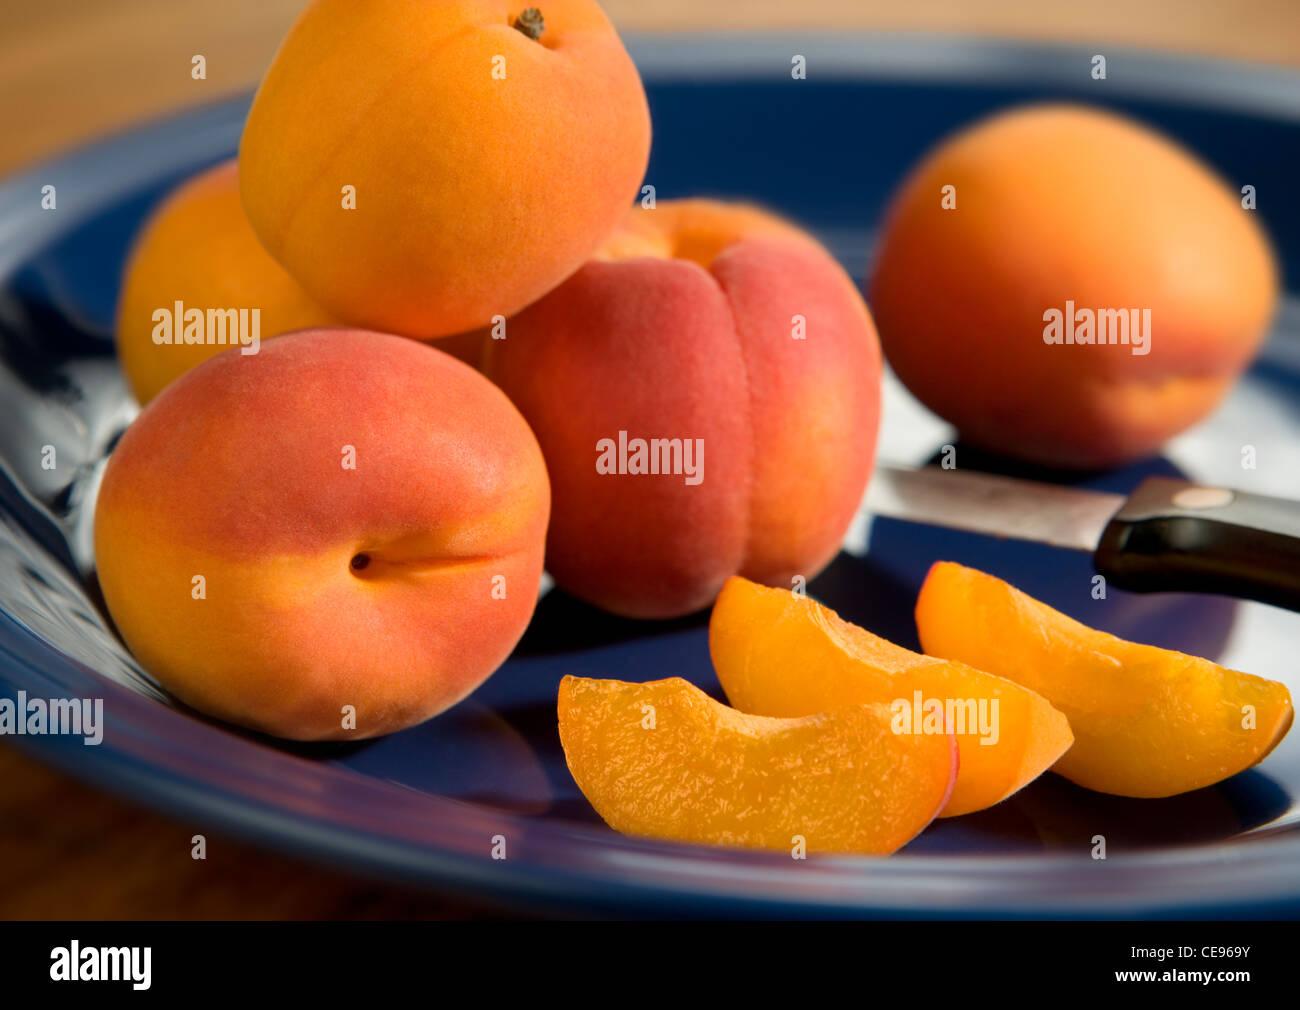 Abricots entières et tranchées sur une plaque en céramique bleue. Photo Stock